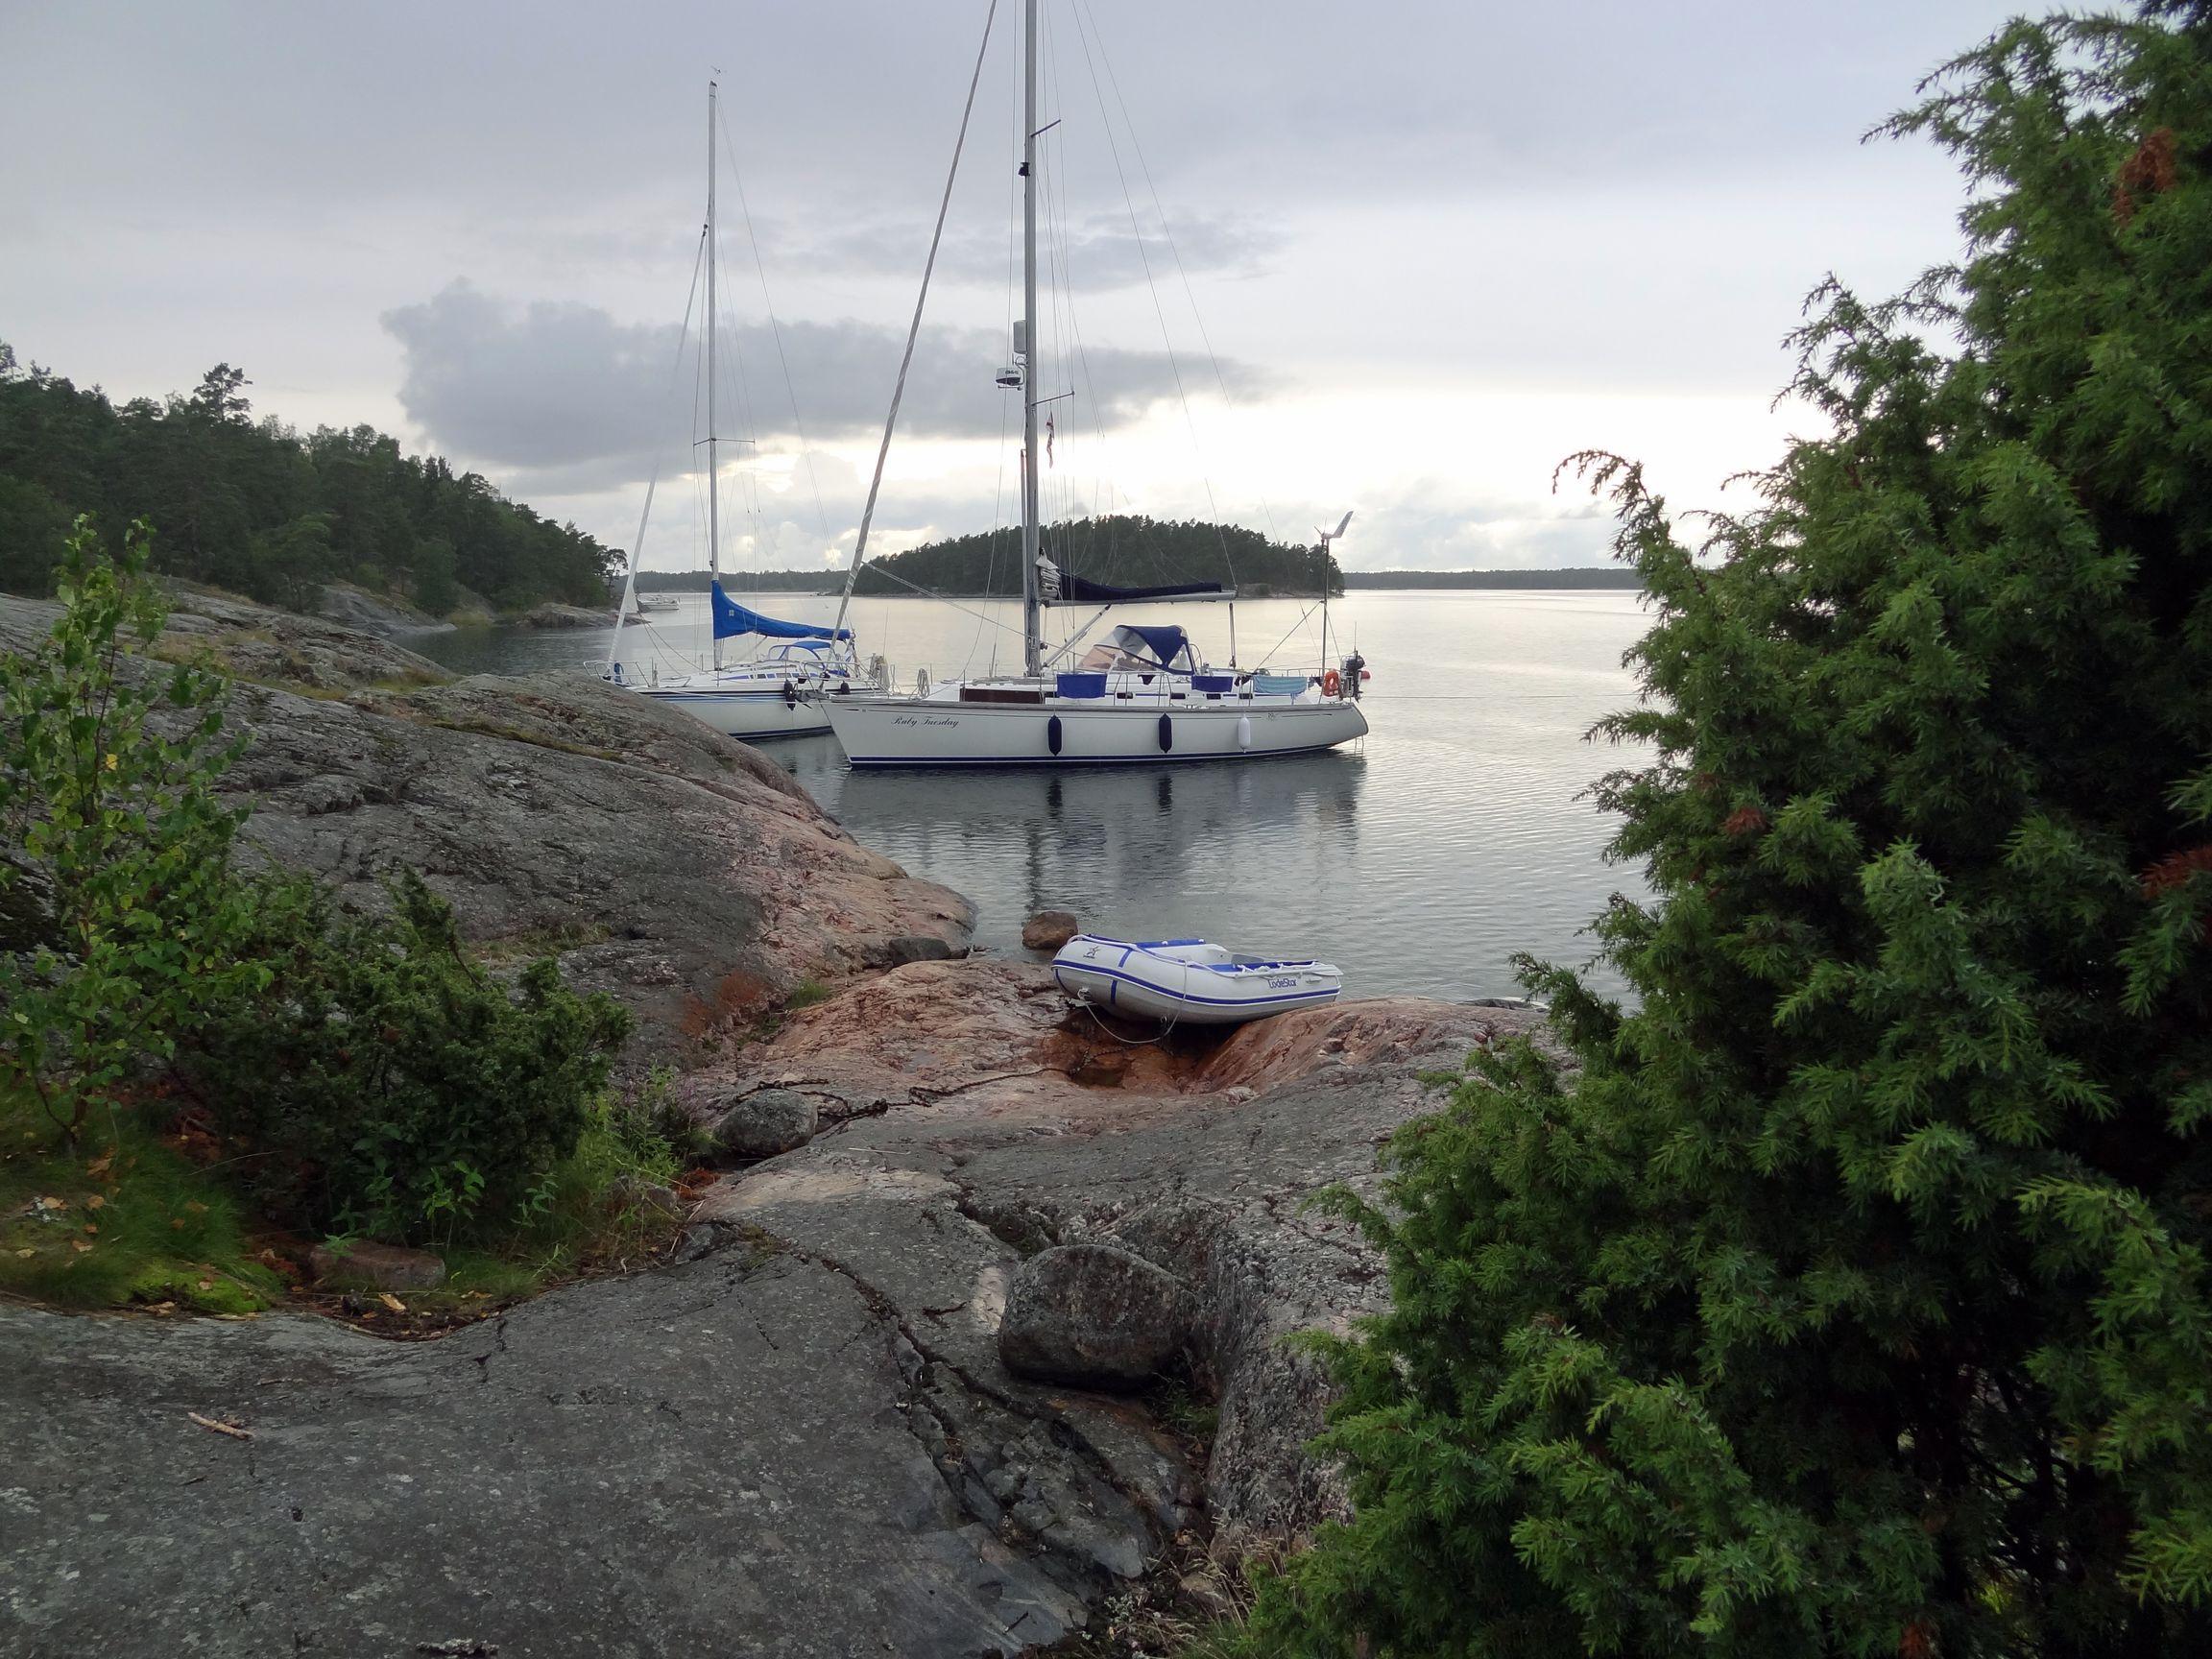 Byxholmen